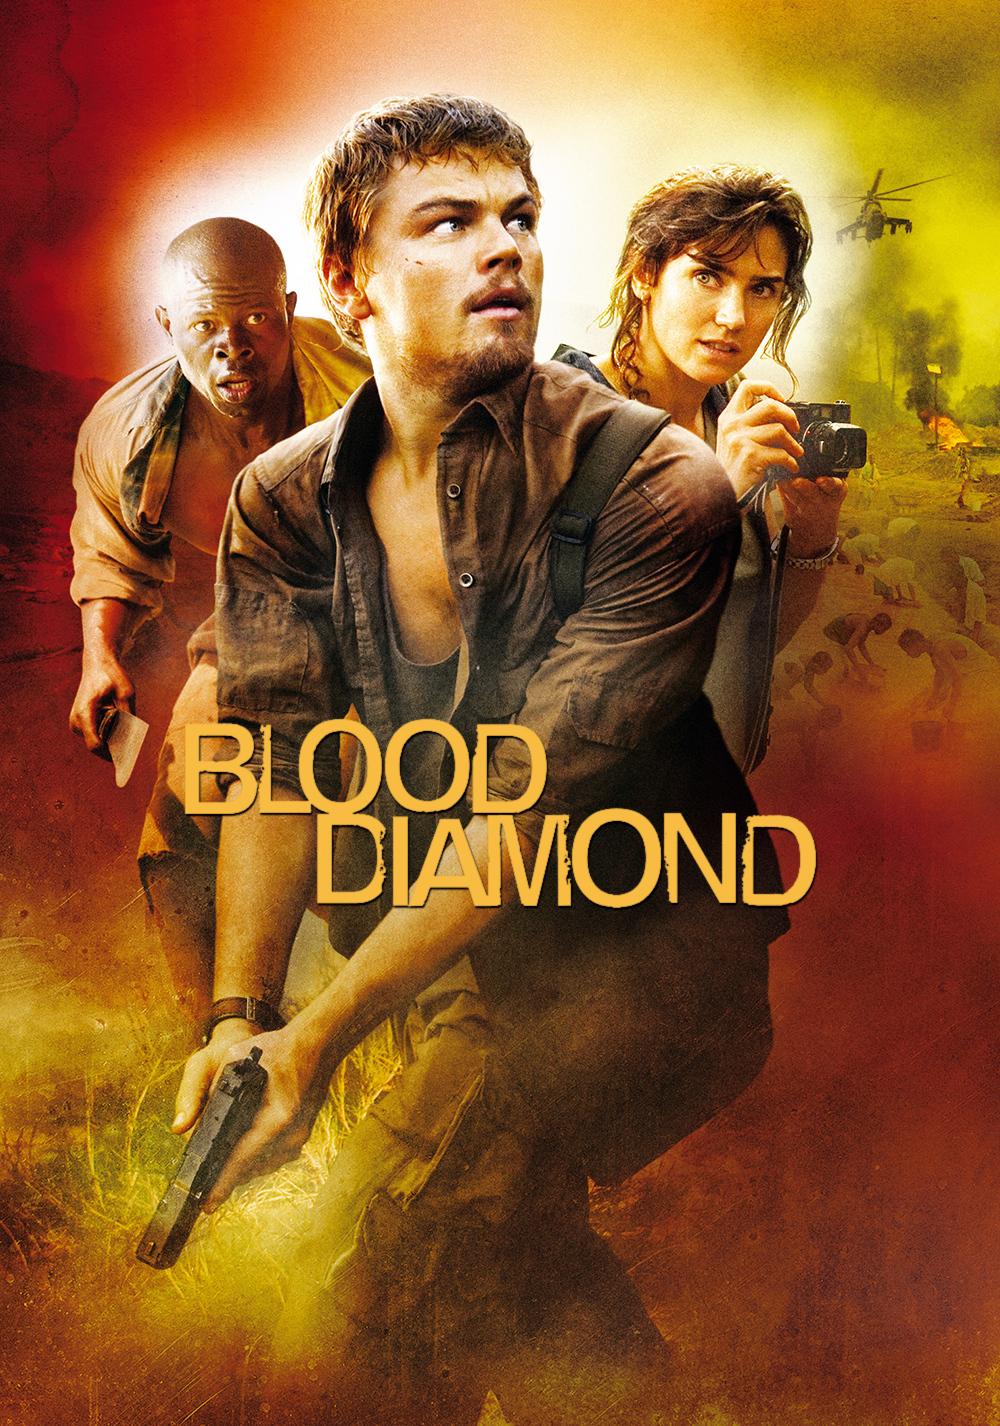 BLOOD DIAMOND MOVIE TAMIL DUBBED HD